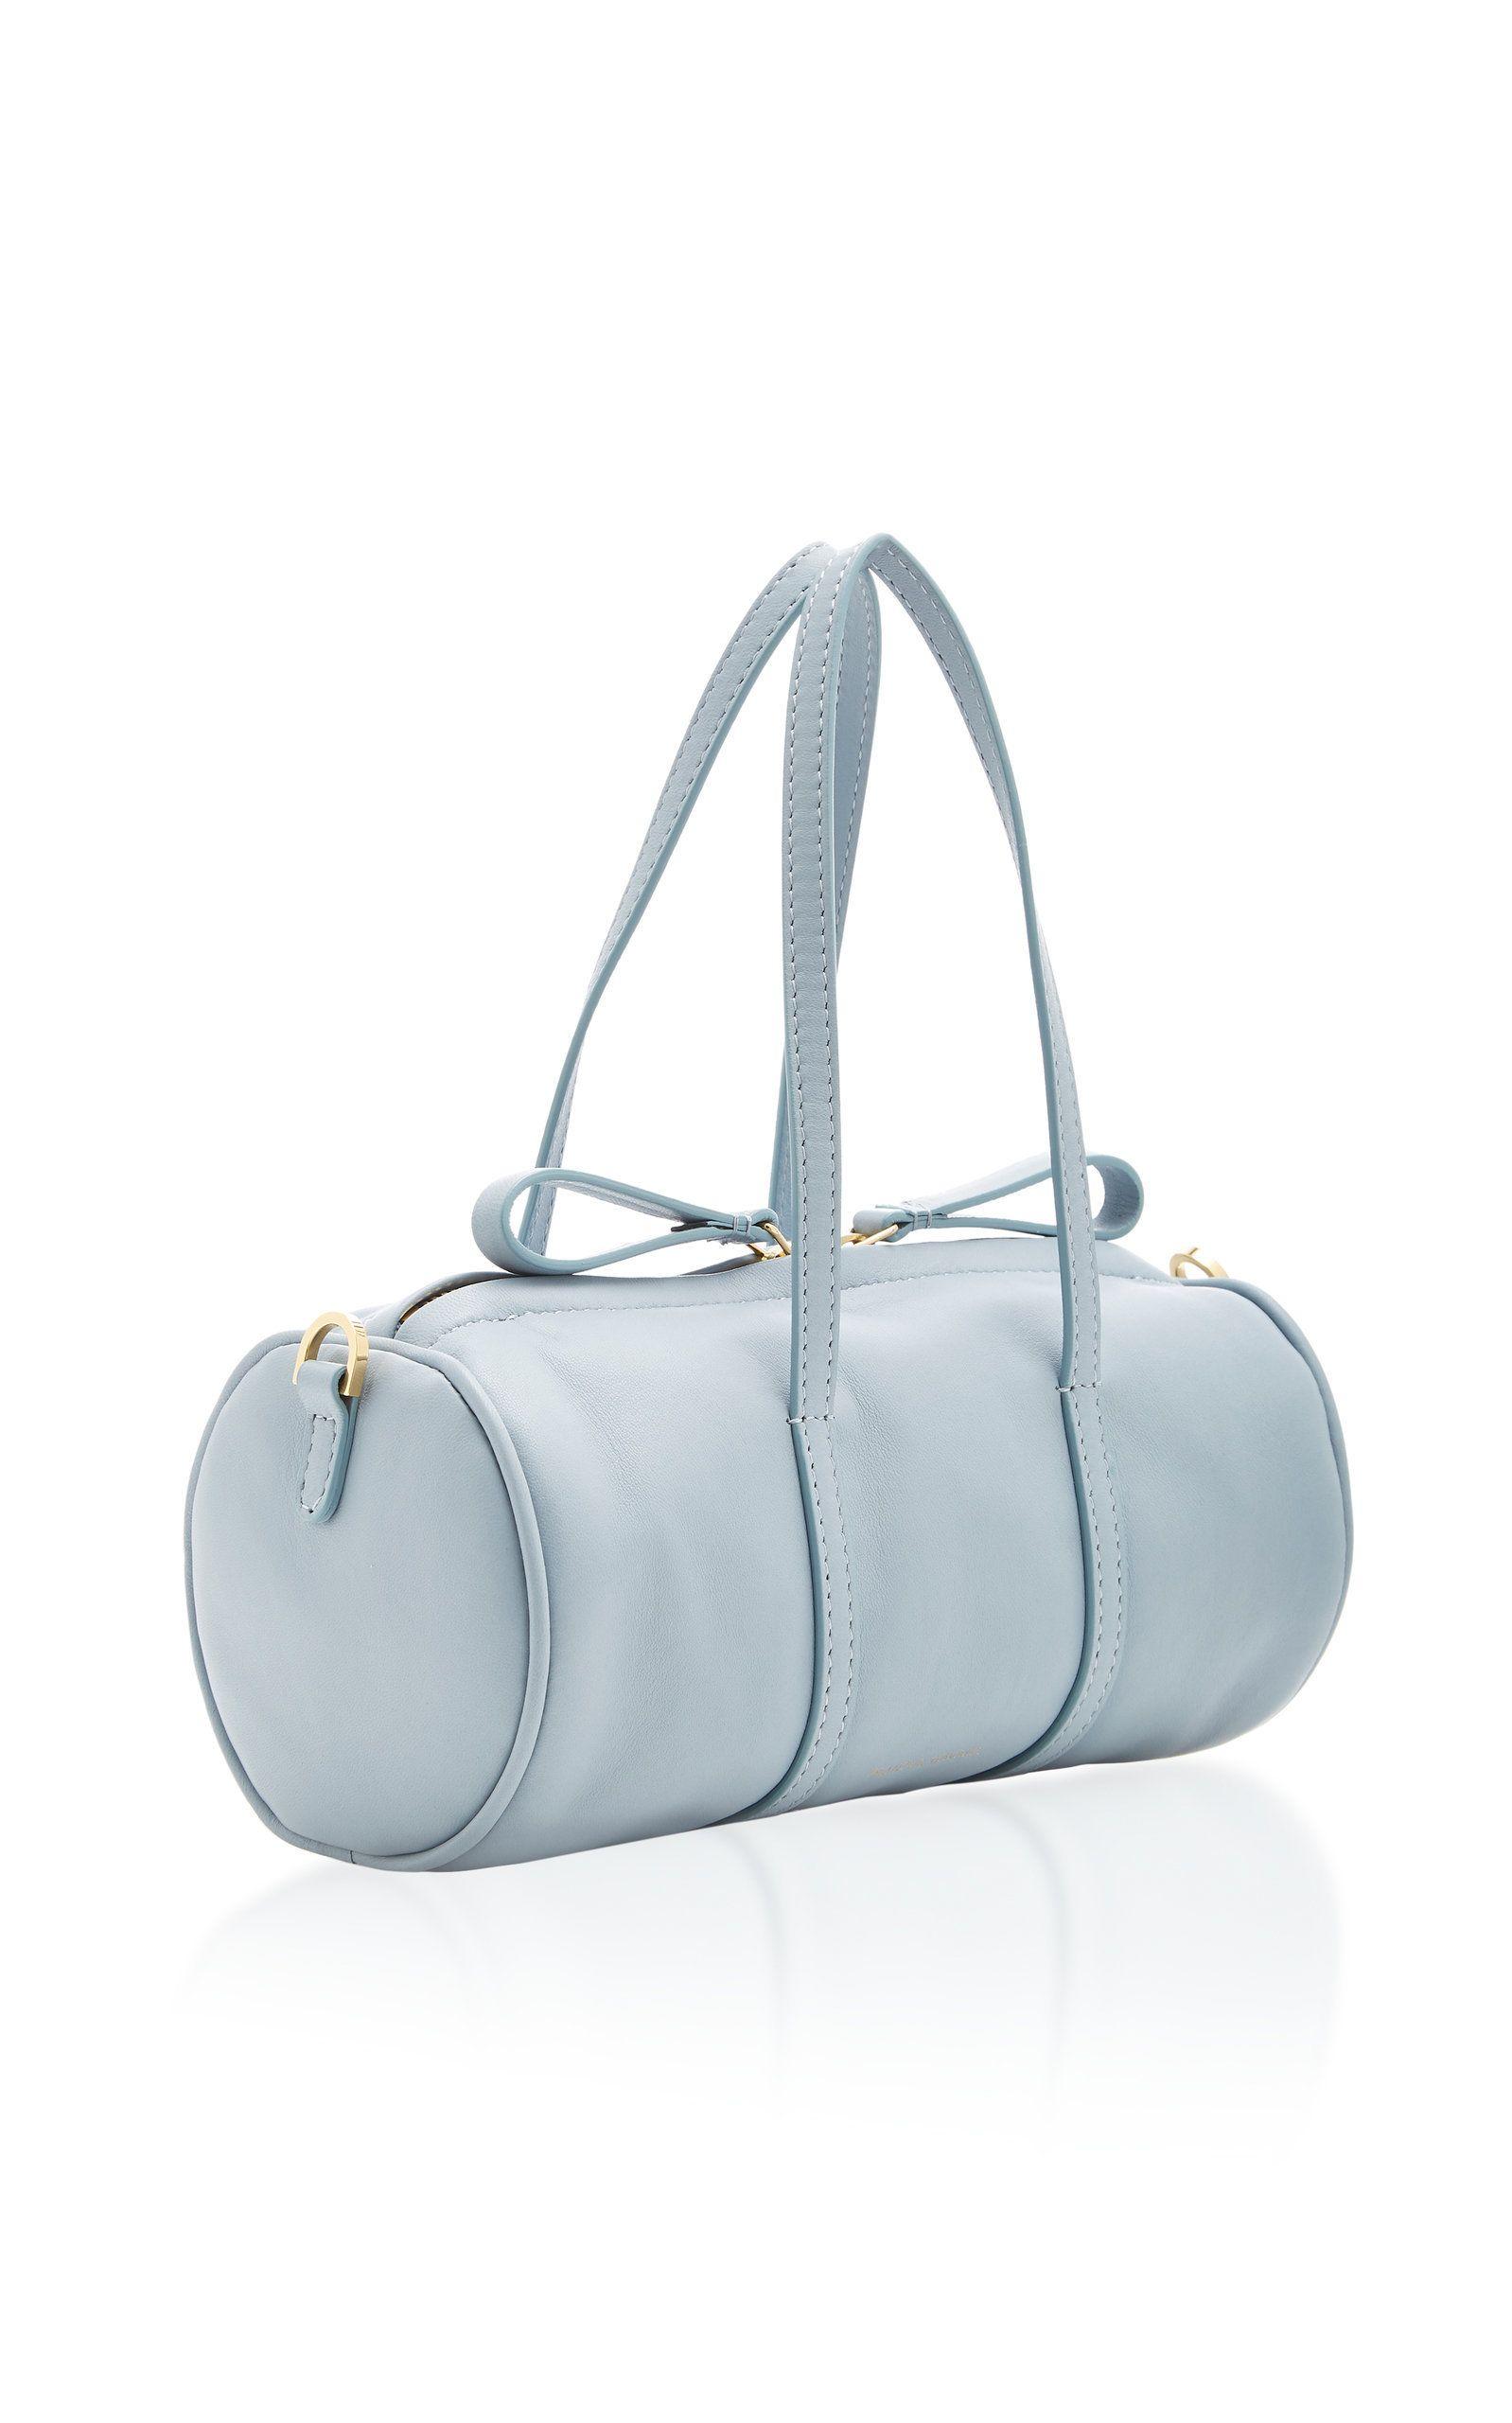 MansurGavriel Gym Mini Leather Duffle Bag  ece3d987a89d9